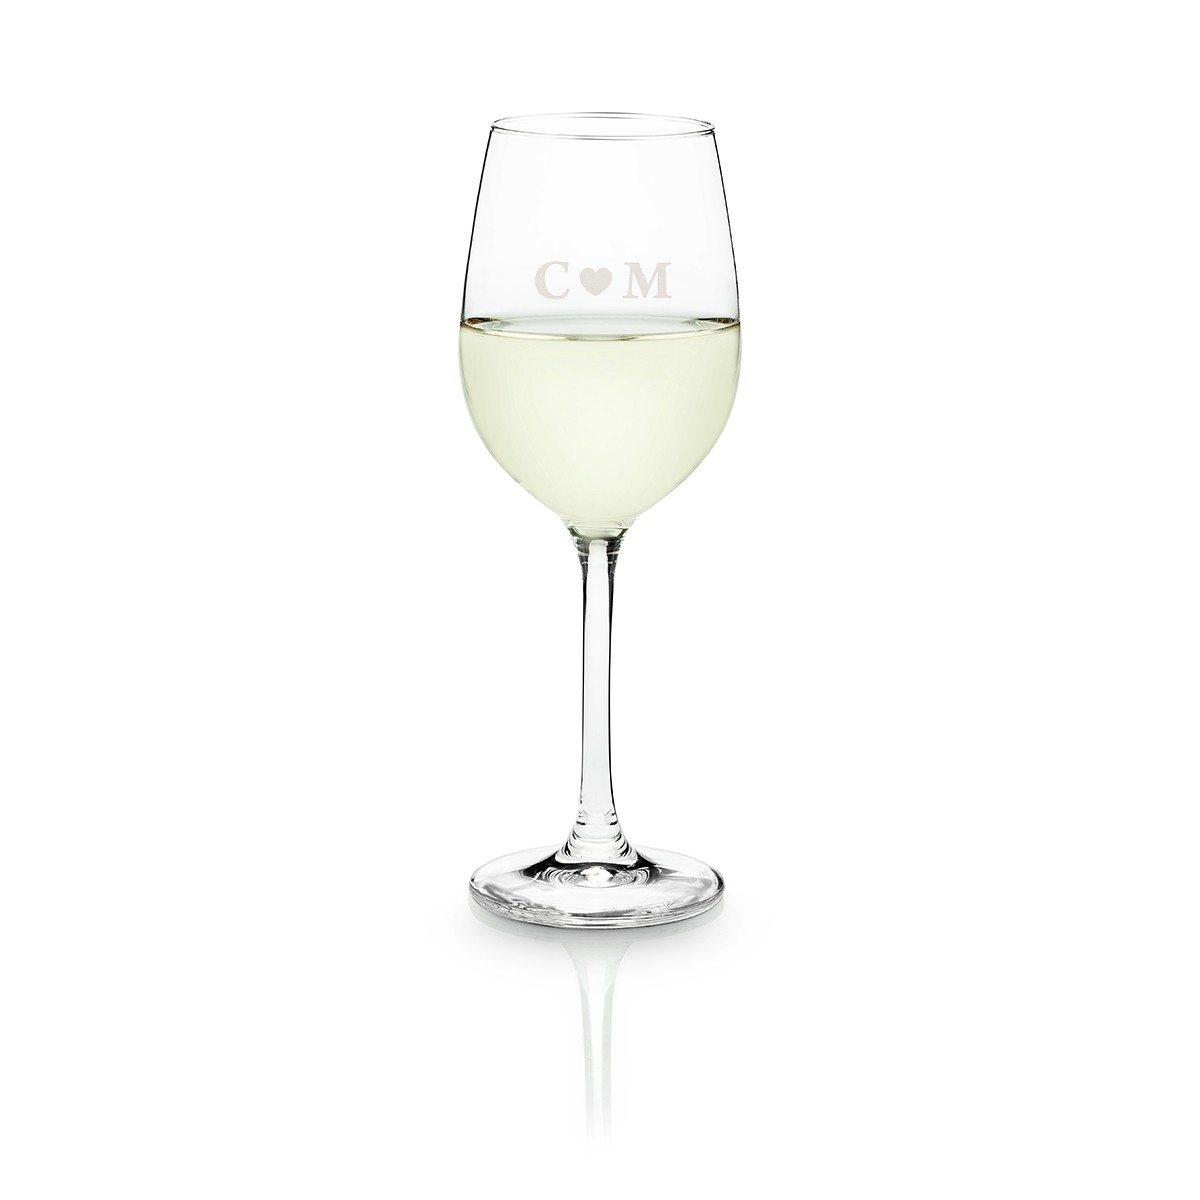 Personaliseerbaar wittewijnglas van Schott Zwiesel